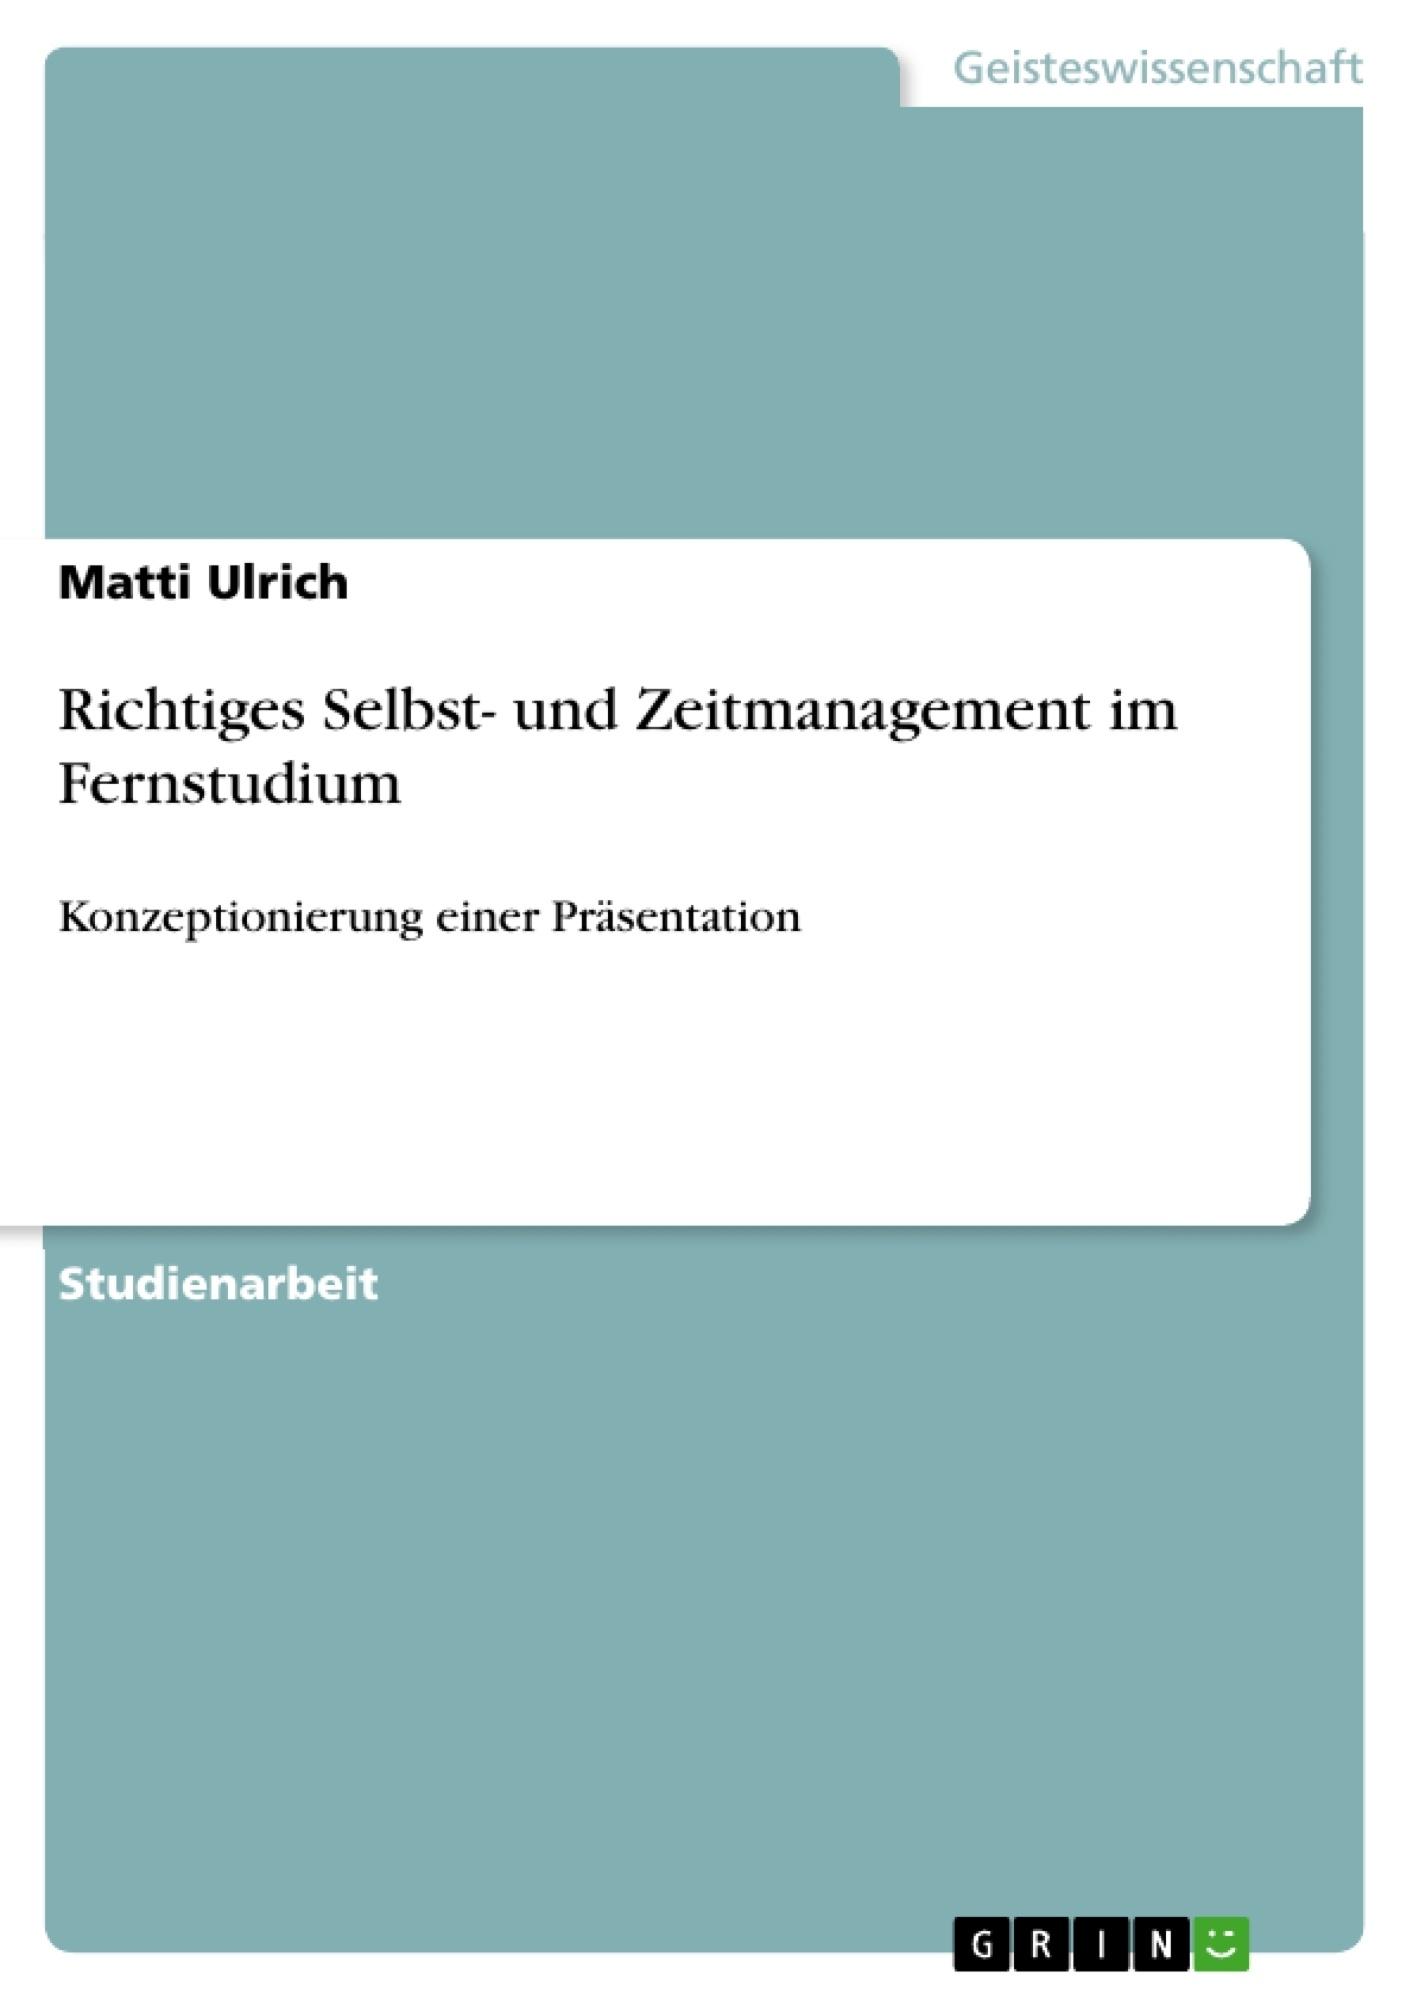 Titel: Richtiges Selbst- und Zeitmanagement im Fernstudium